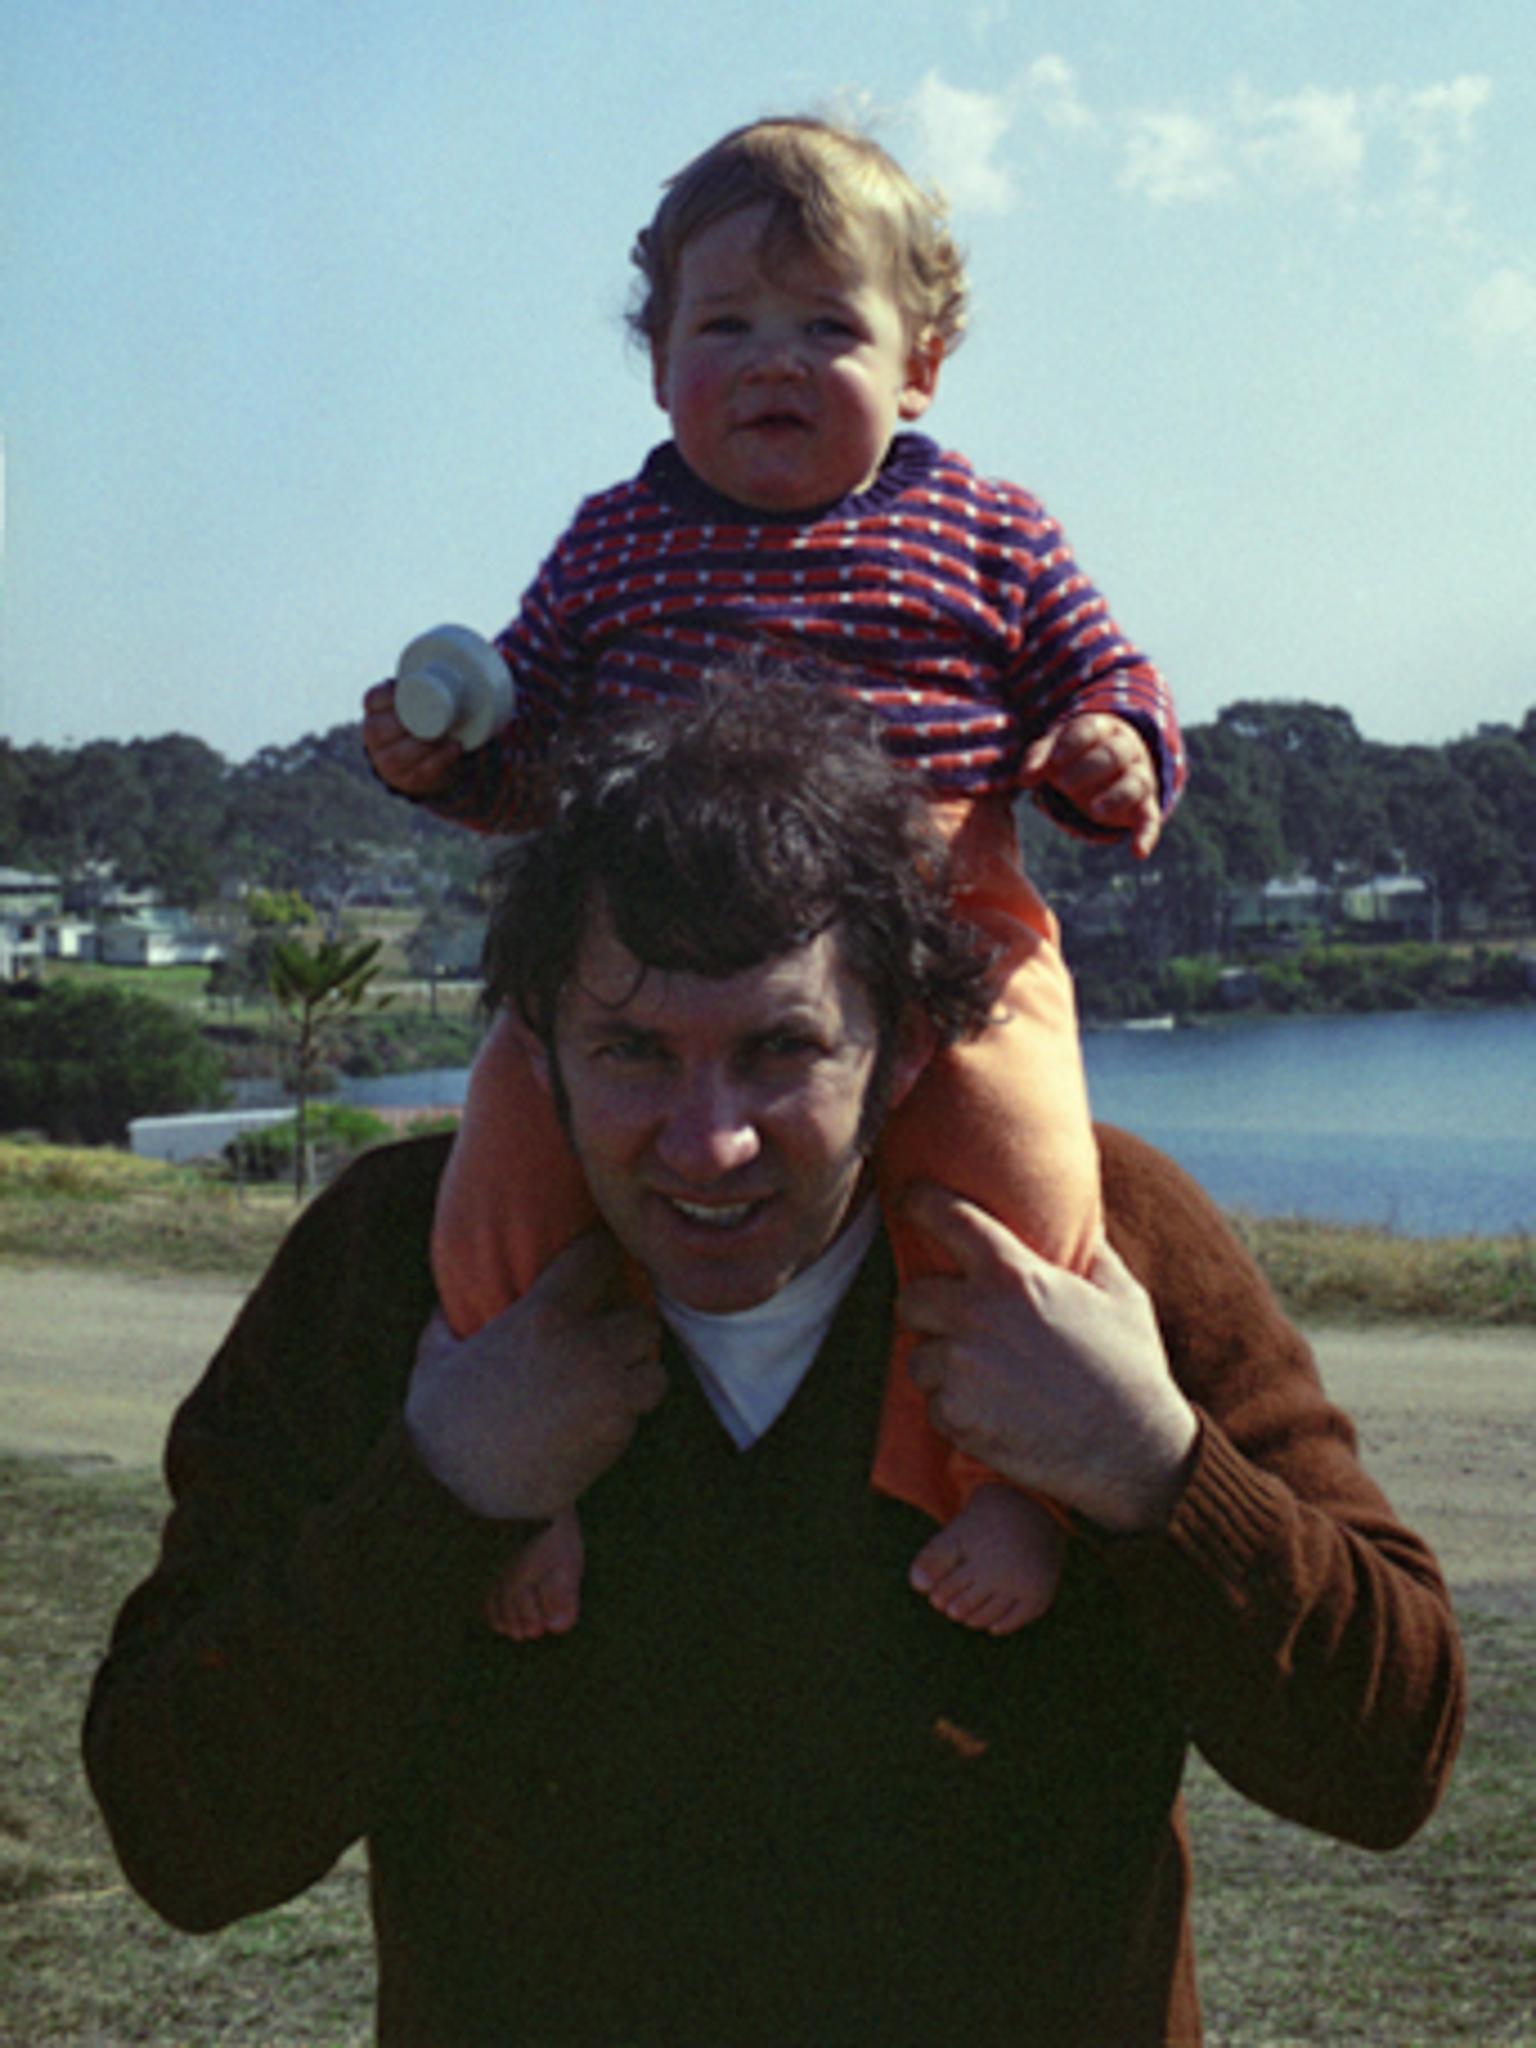 Stuck on dad's shoulders